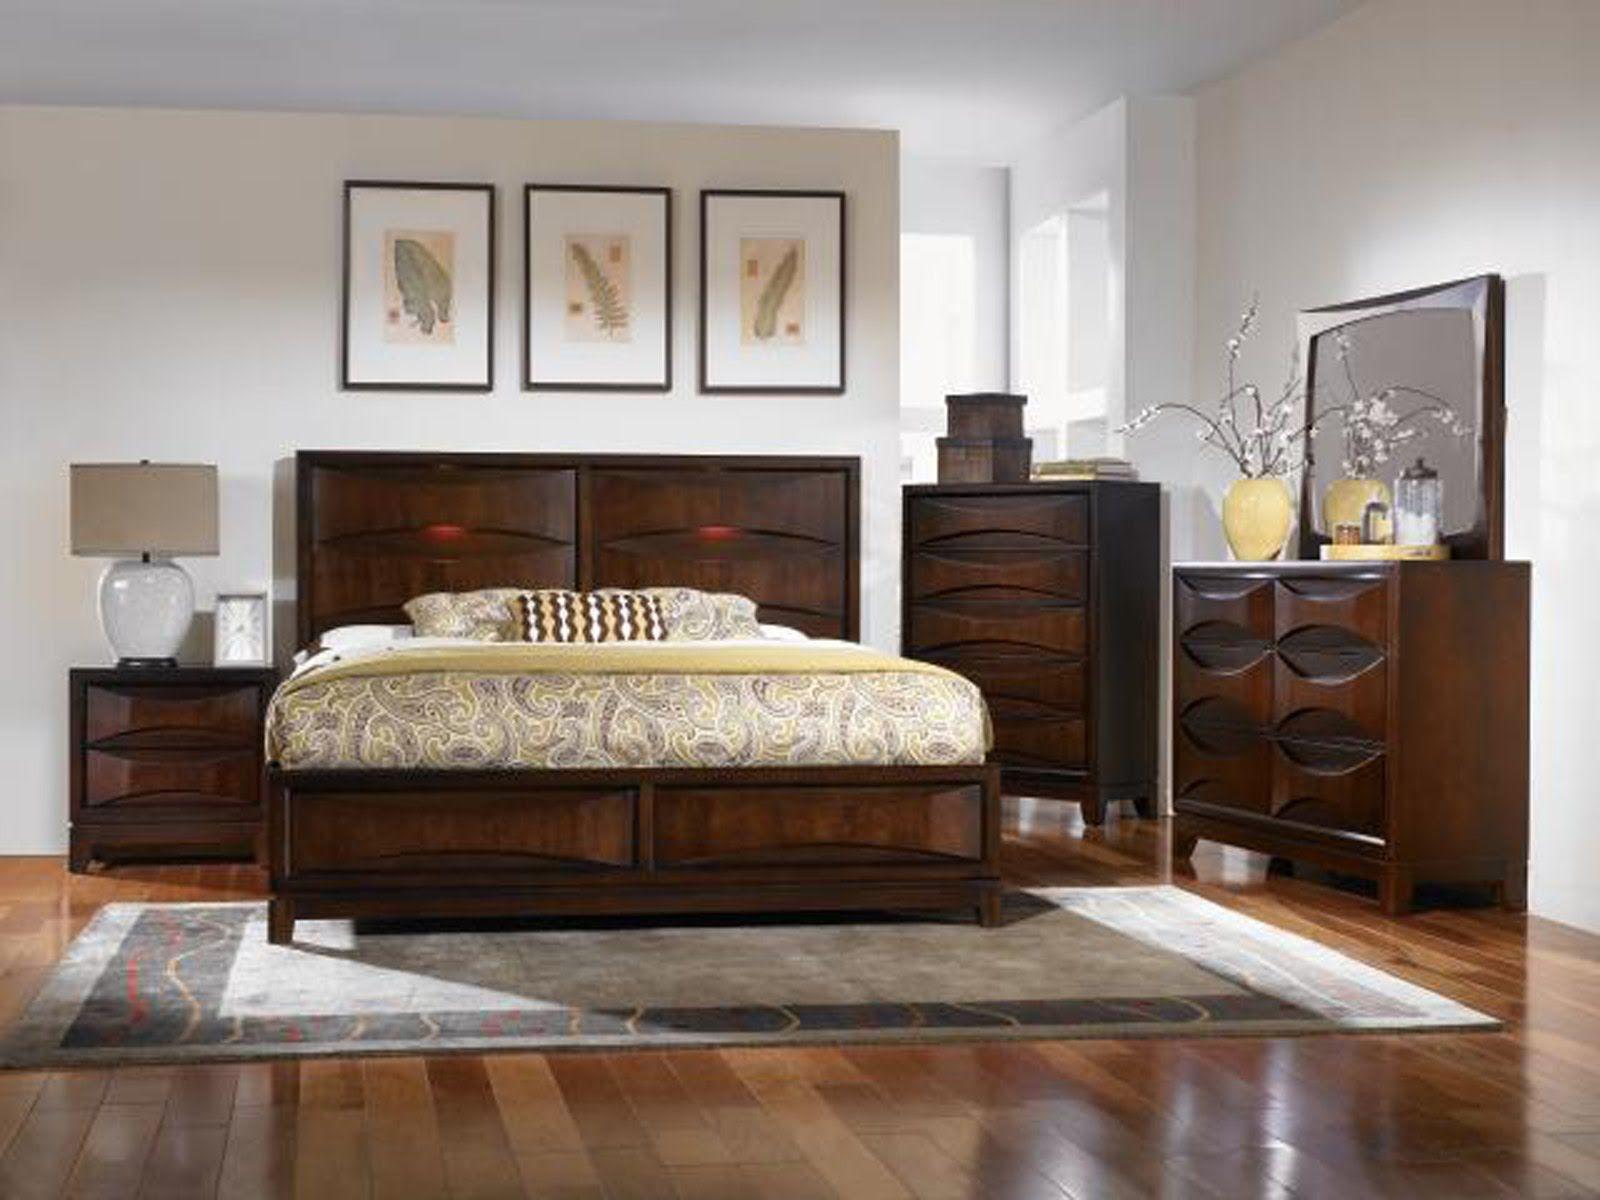 Schlafzimmer Design Möbel Schlafzimmer Schlafzimmer